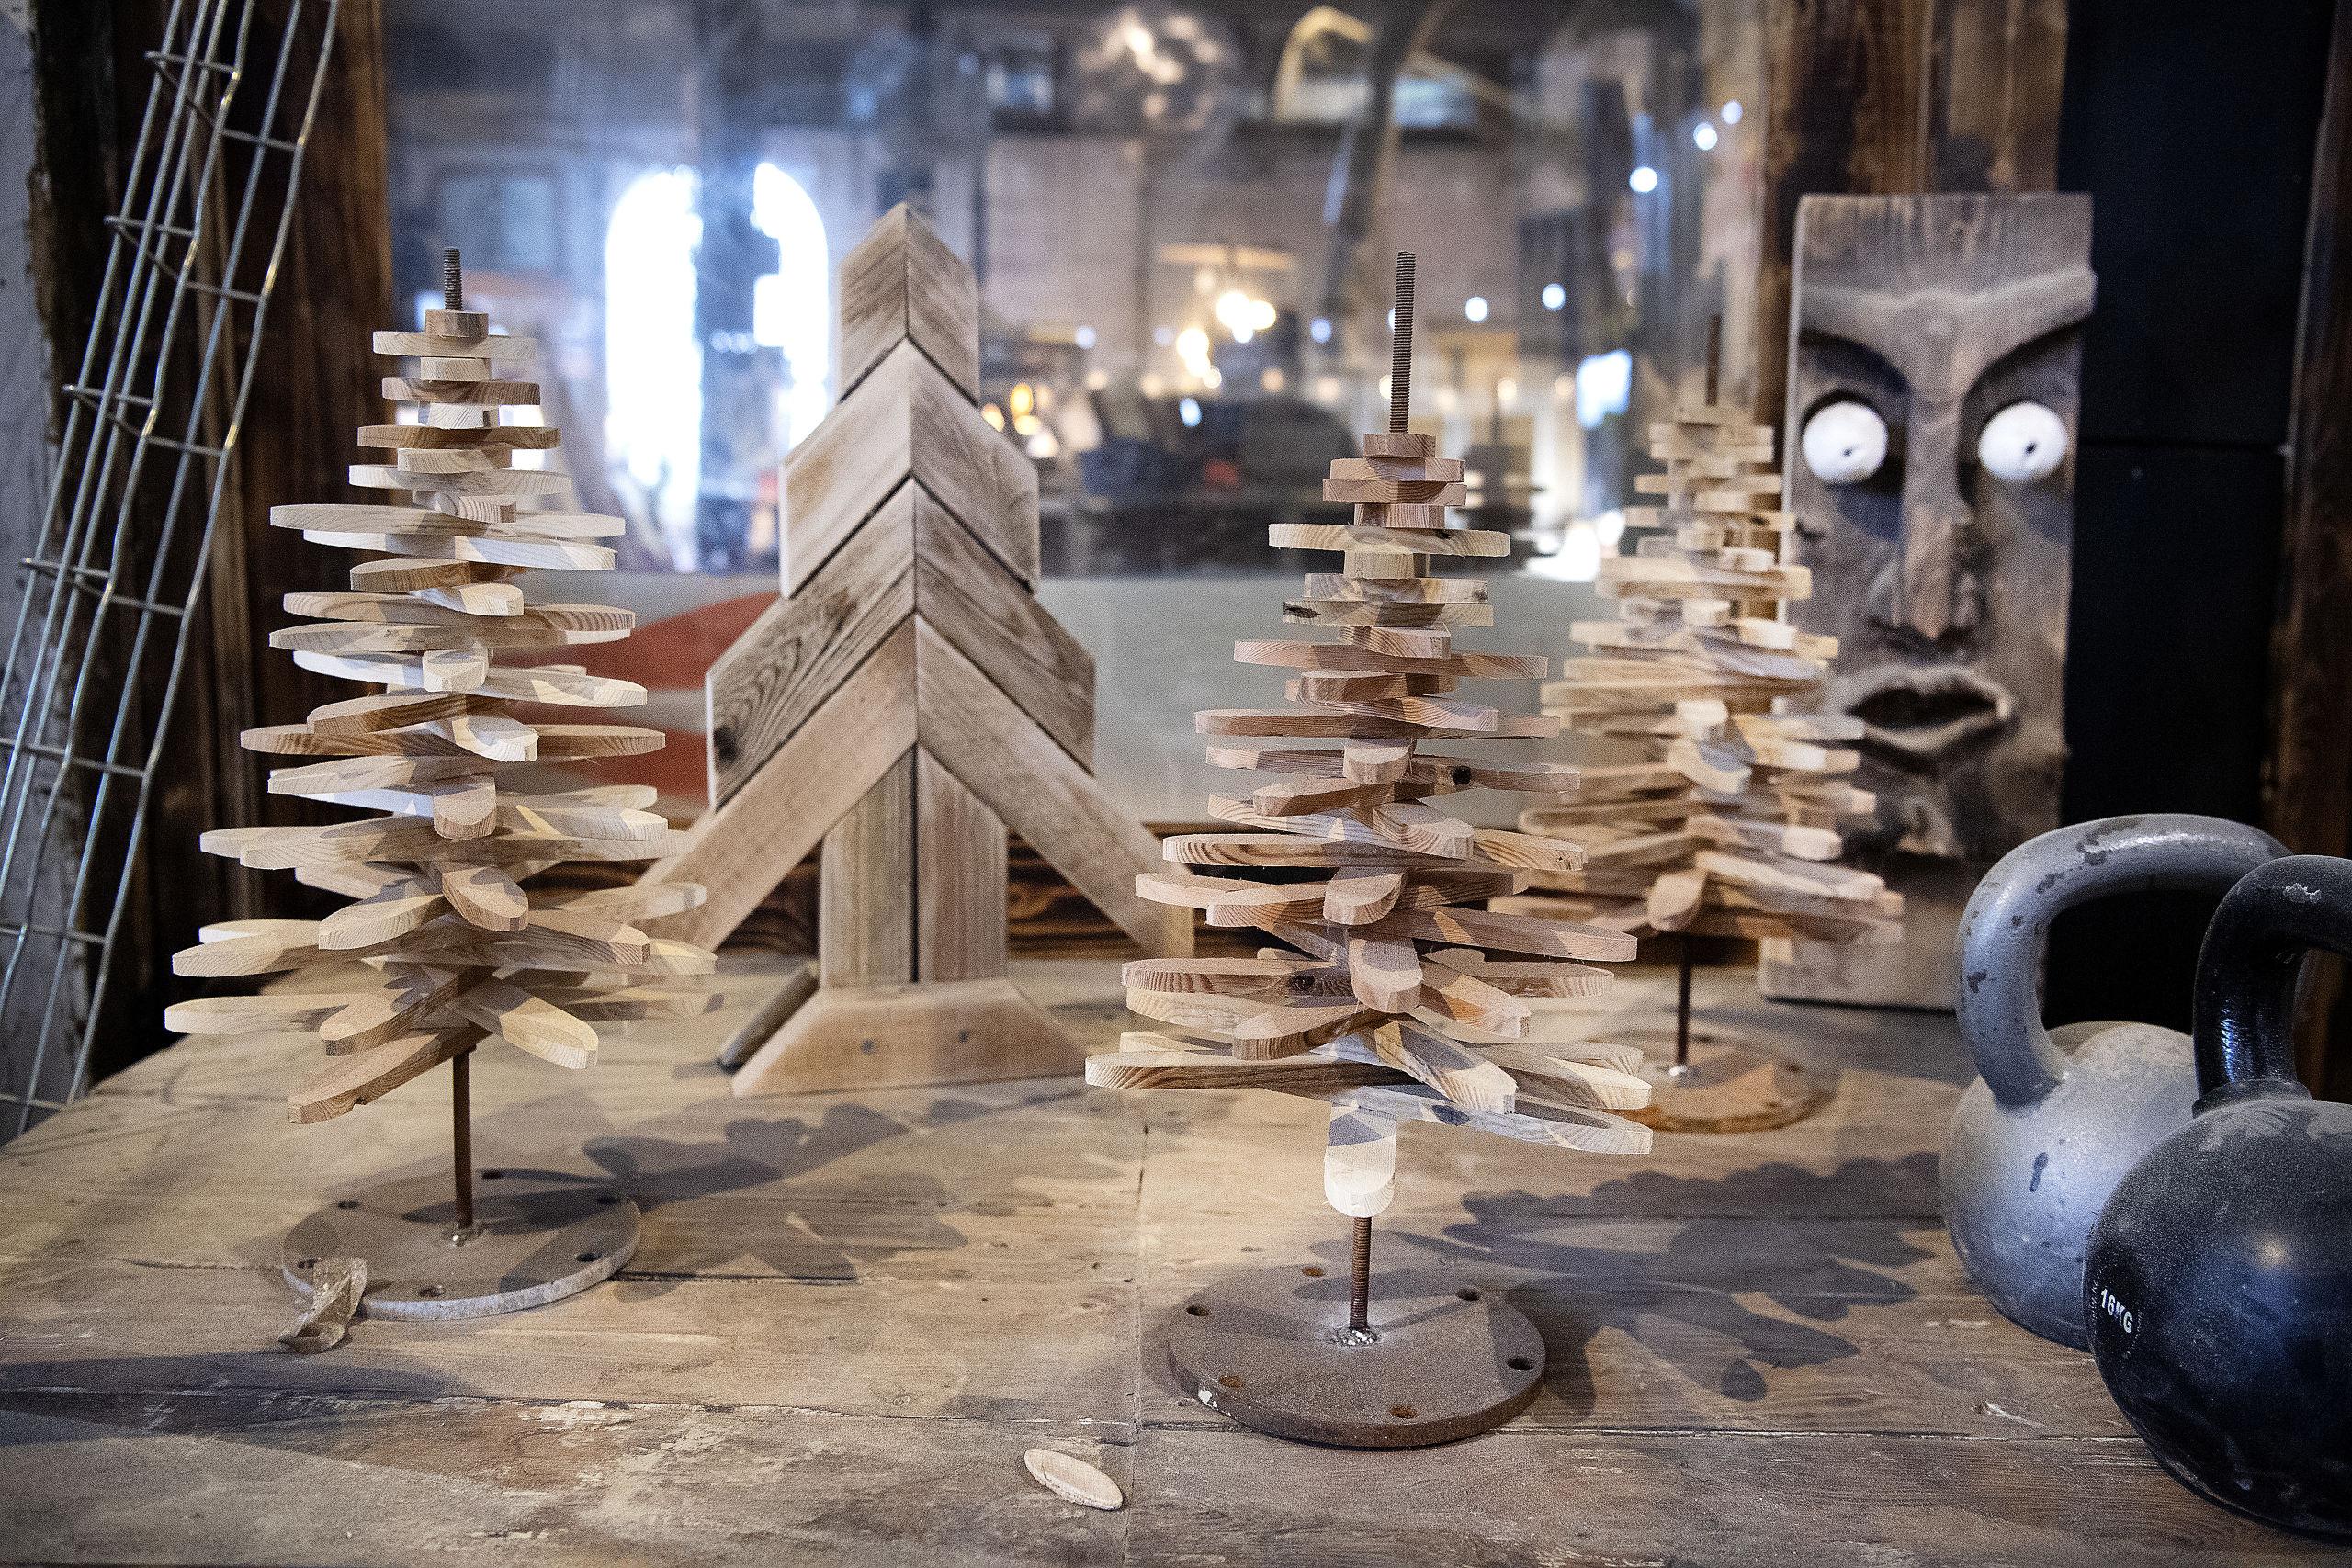 Nyt julemarked slår dørene op i Aalborg